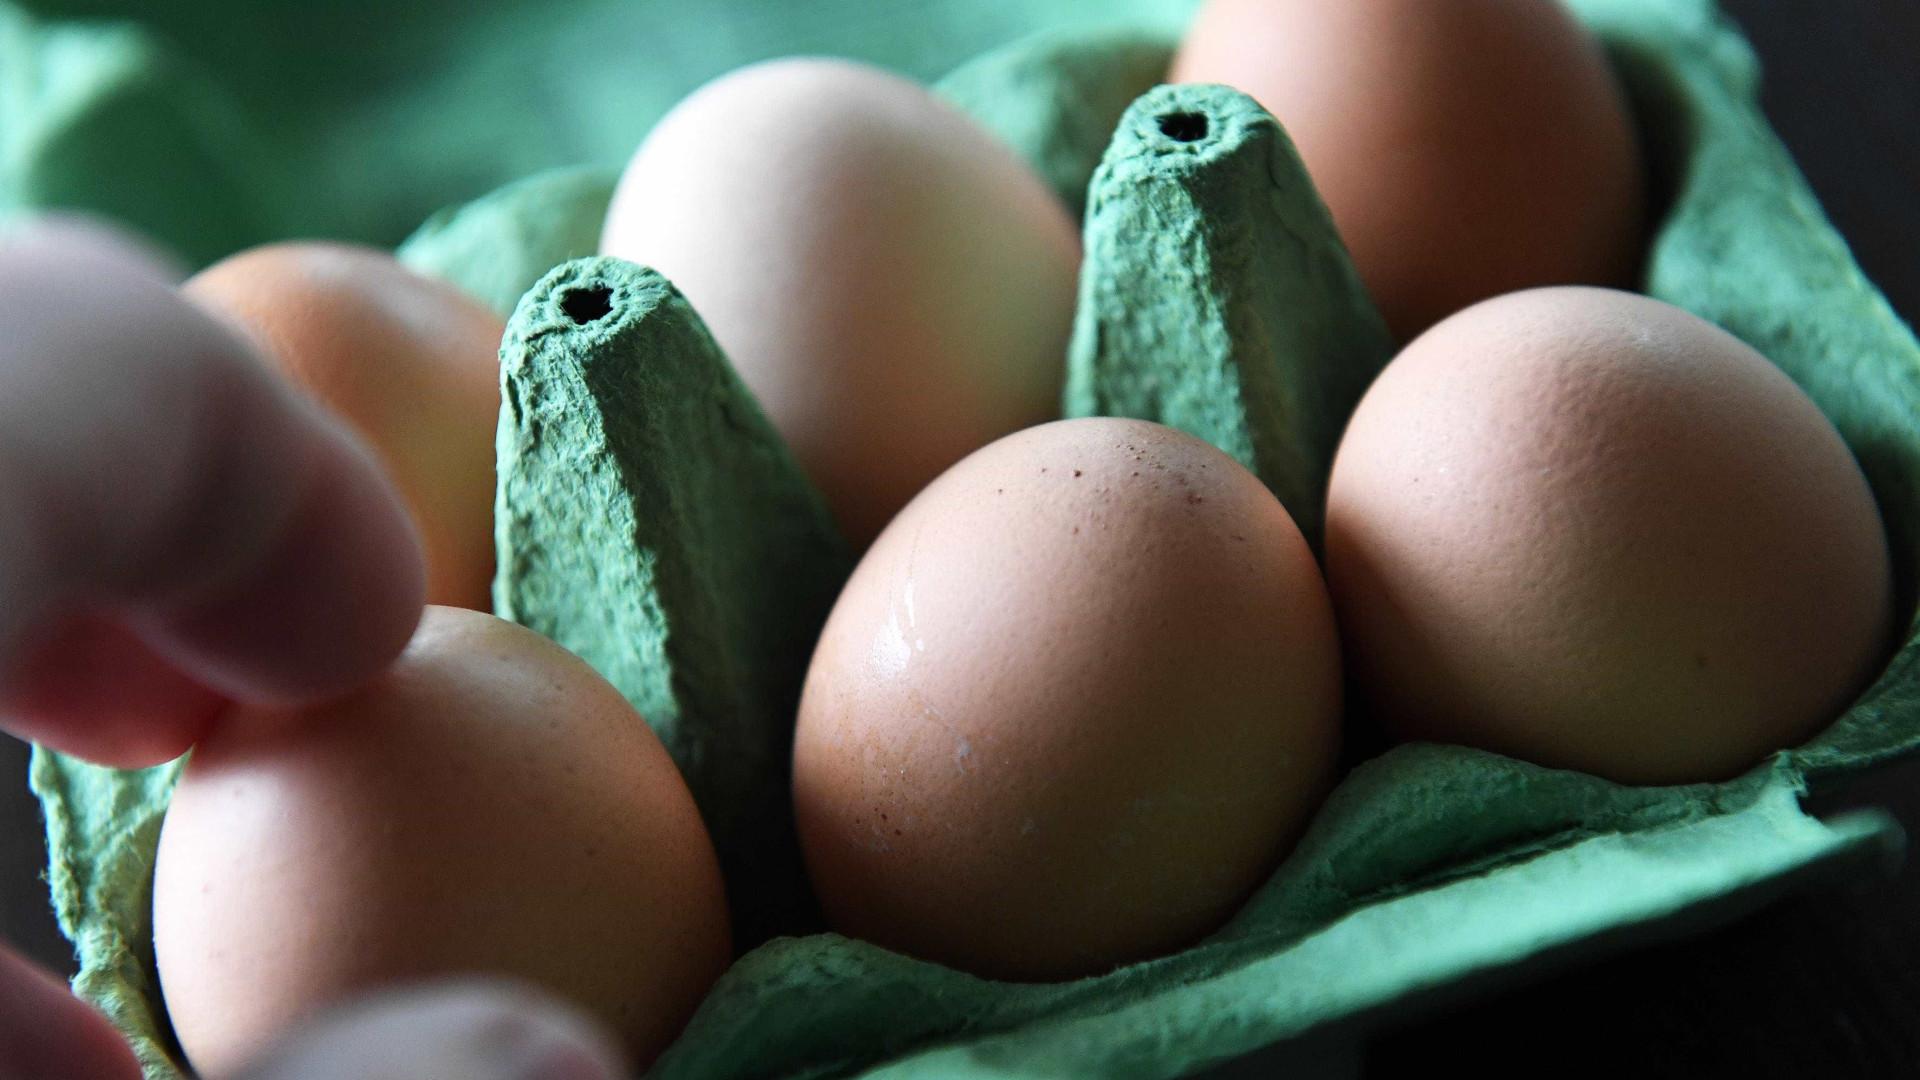 Doze países afetados com ovos contaminados com Fipronil